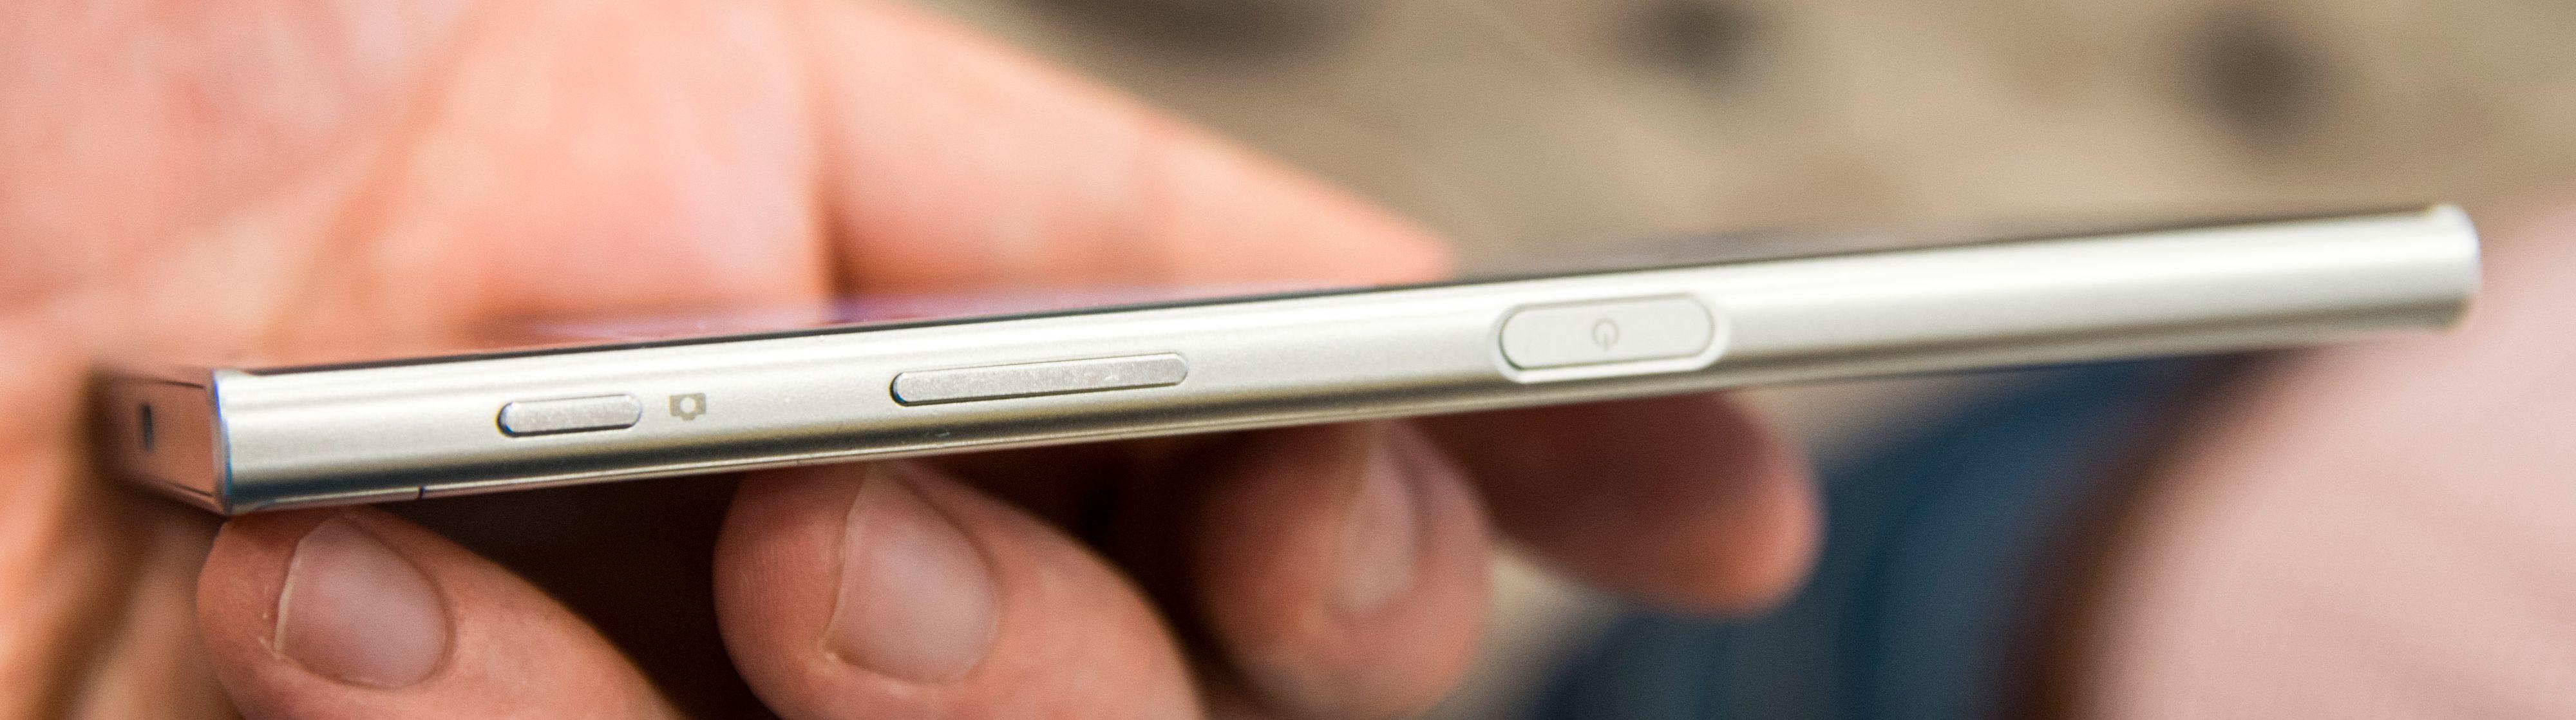 Låsetast med fingerleser, volumknapper og dedikert kameratast bor på høyre langside av telefonen.